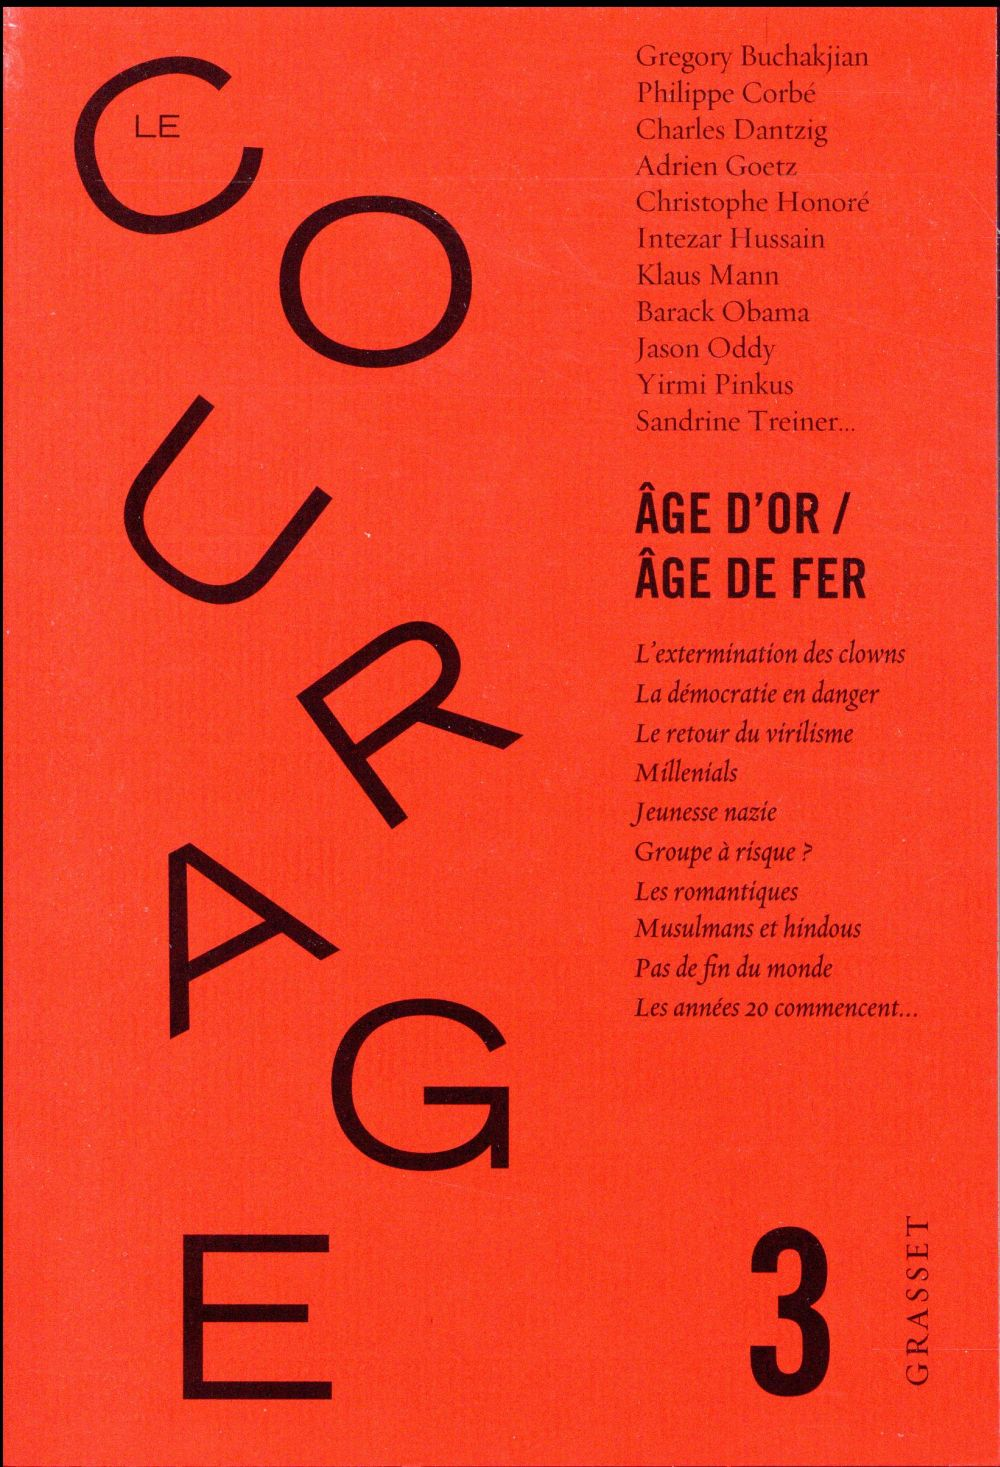 Revue le courage n.3 ; age d'or / age de fer